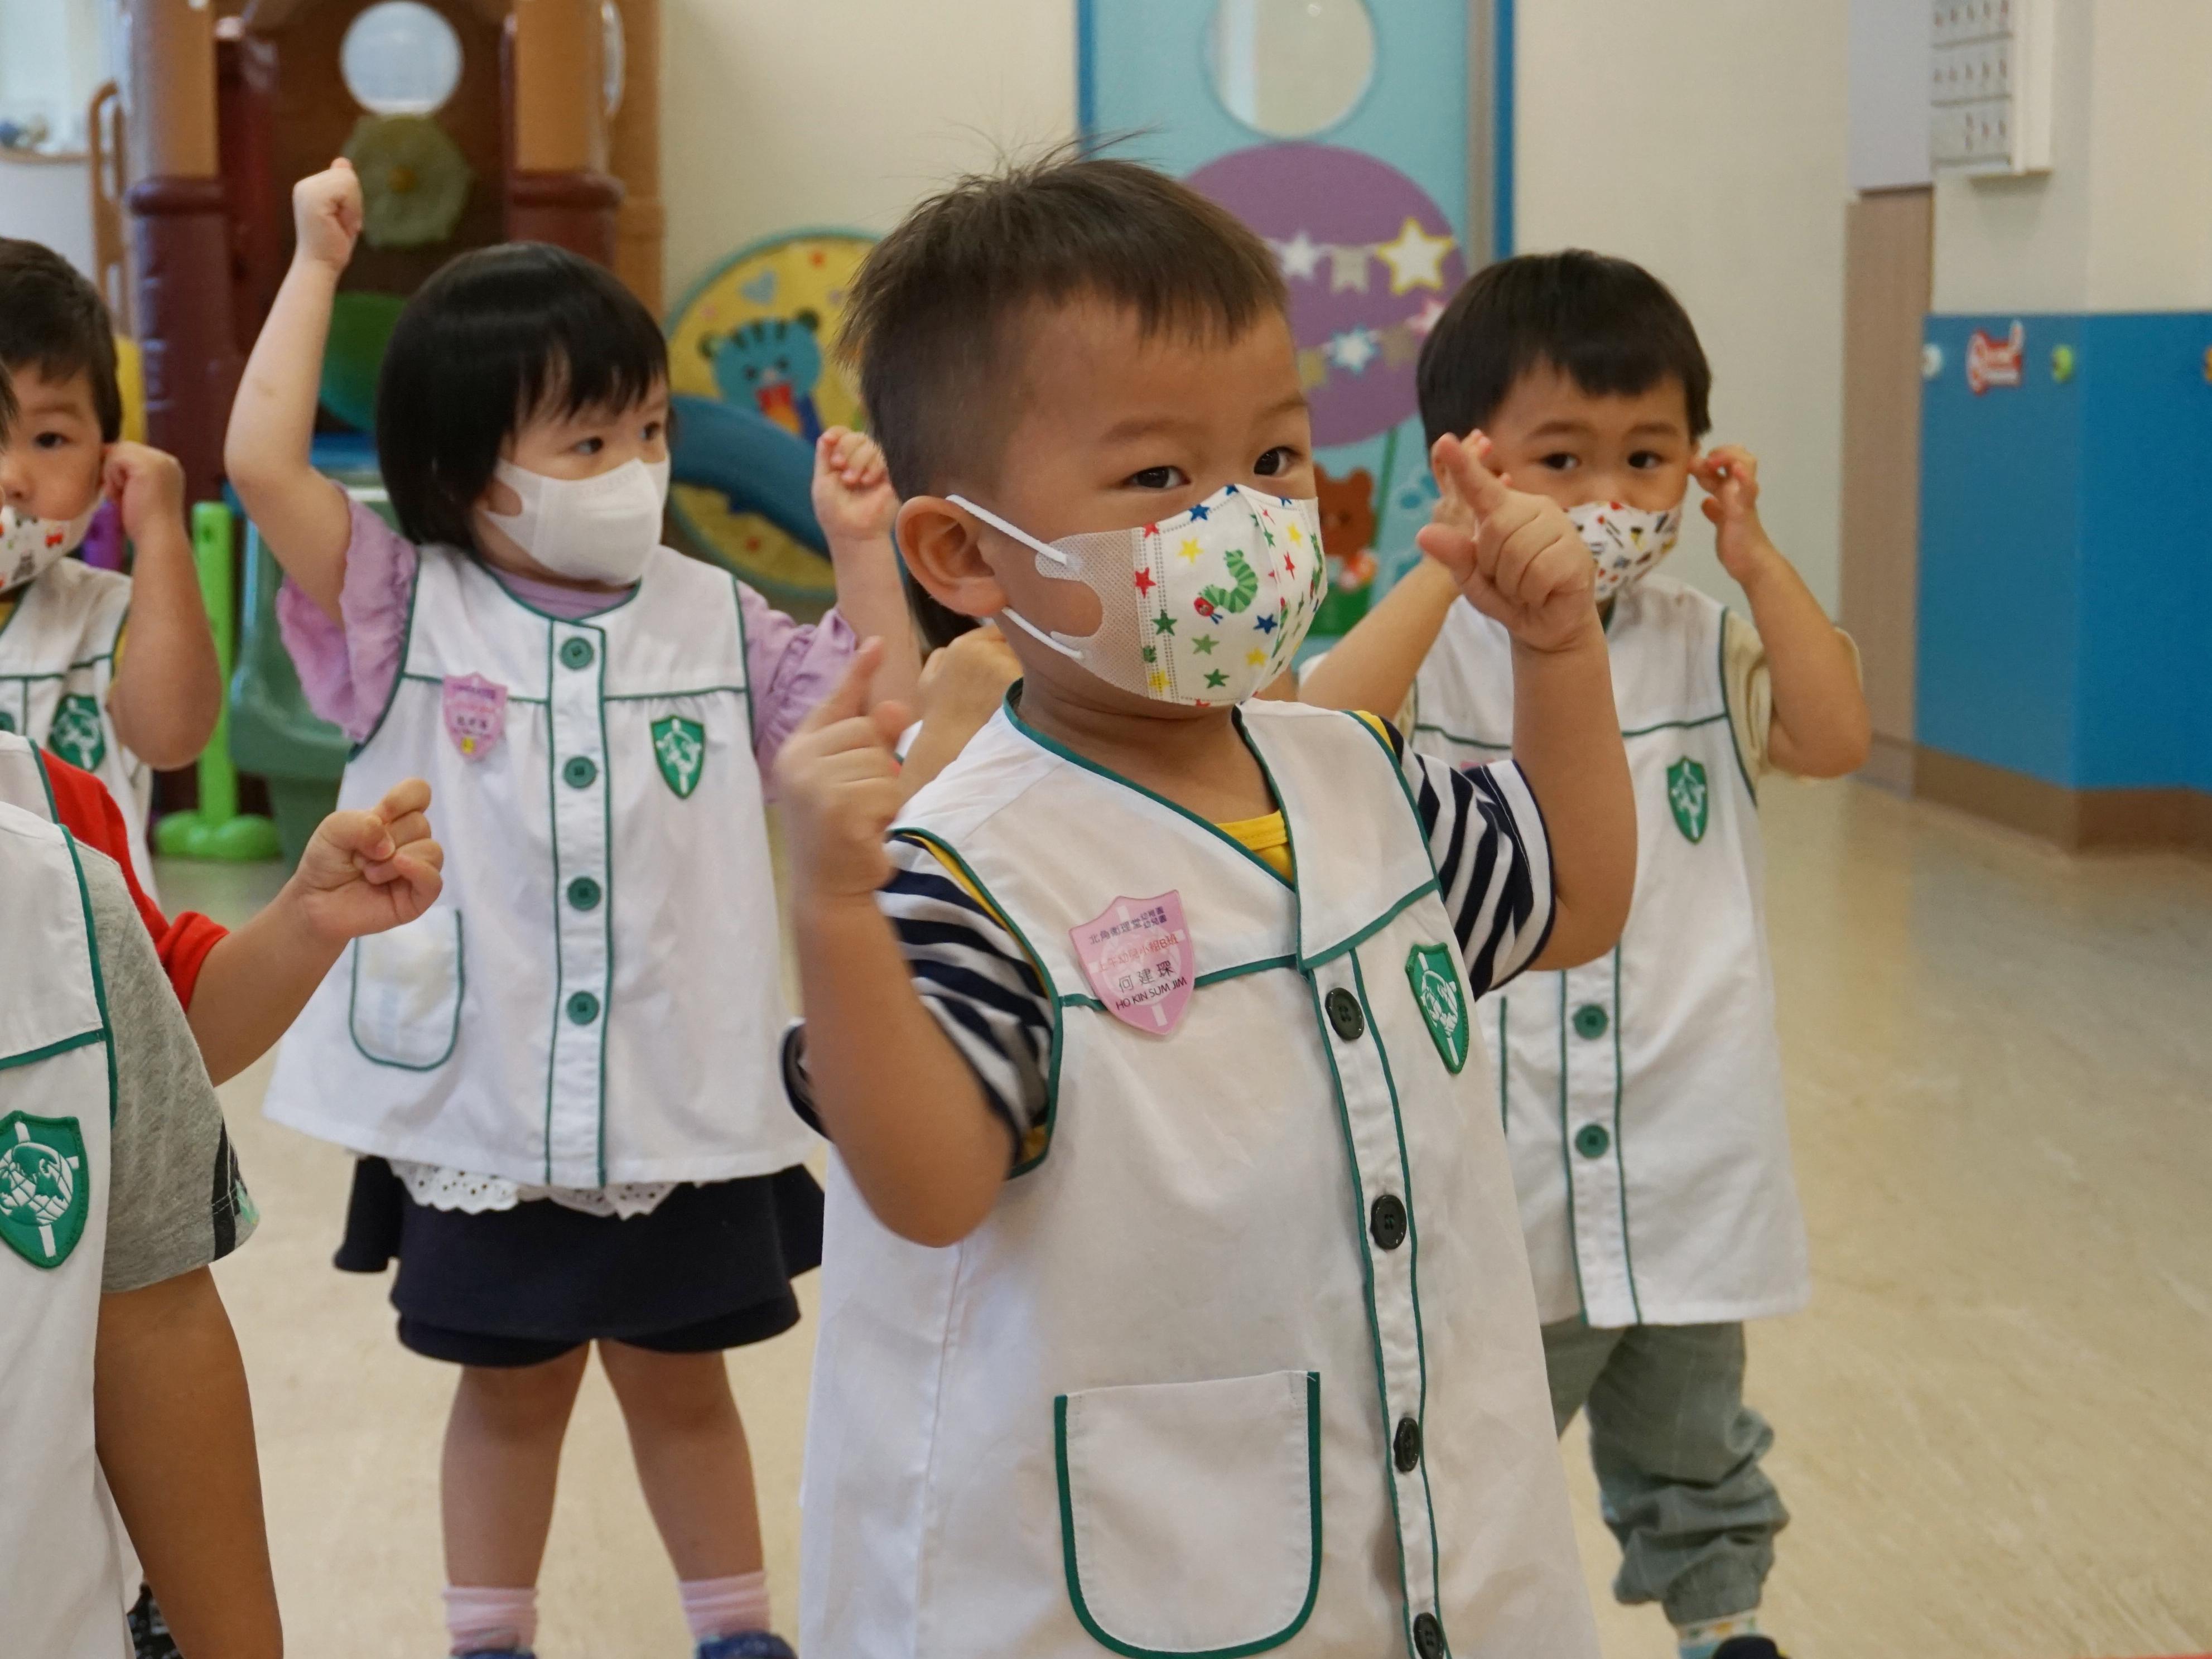 http://npmc.edu.hk/sites/default/files/dsc09675a.jpg